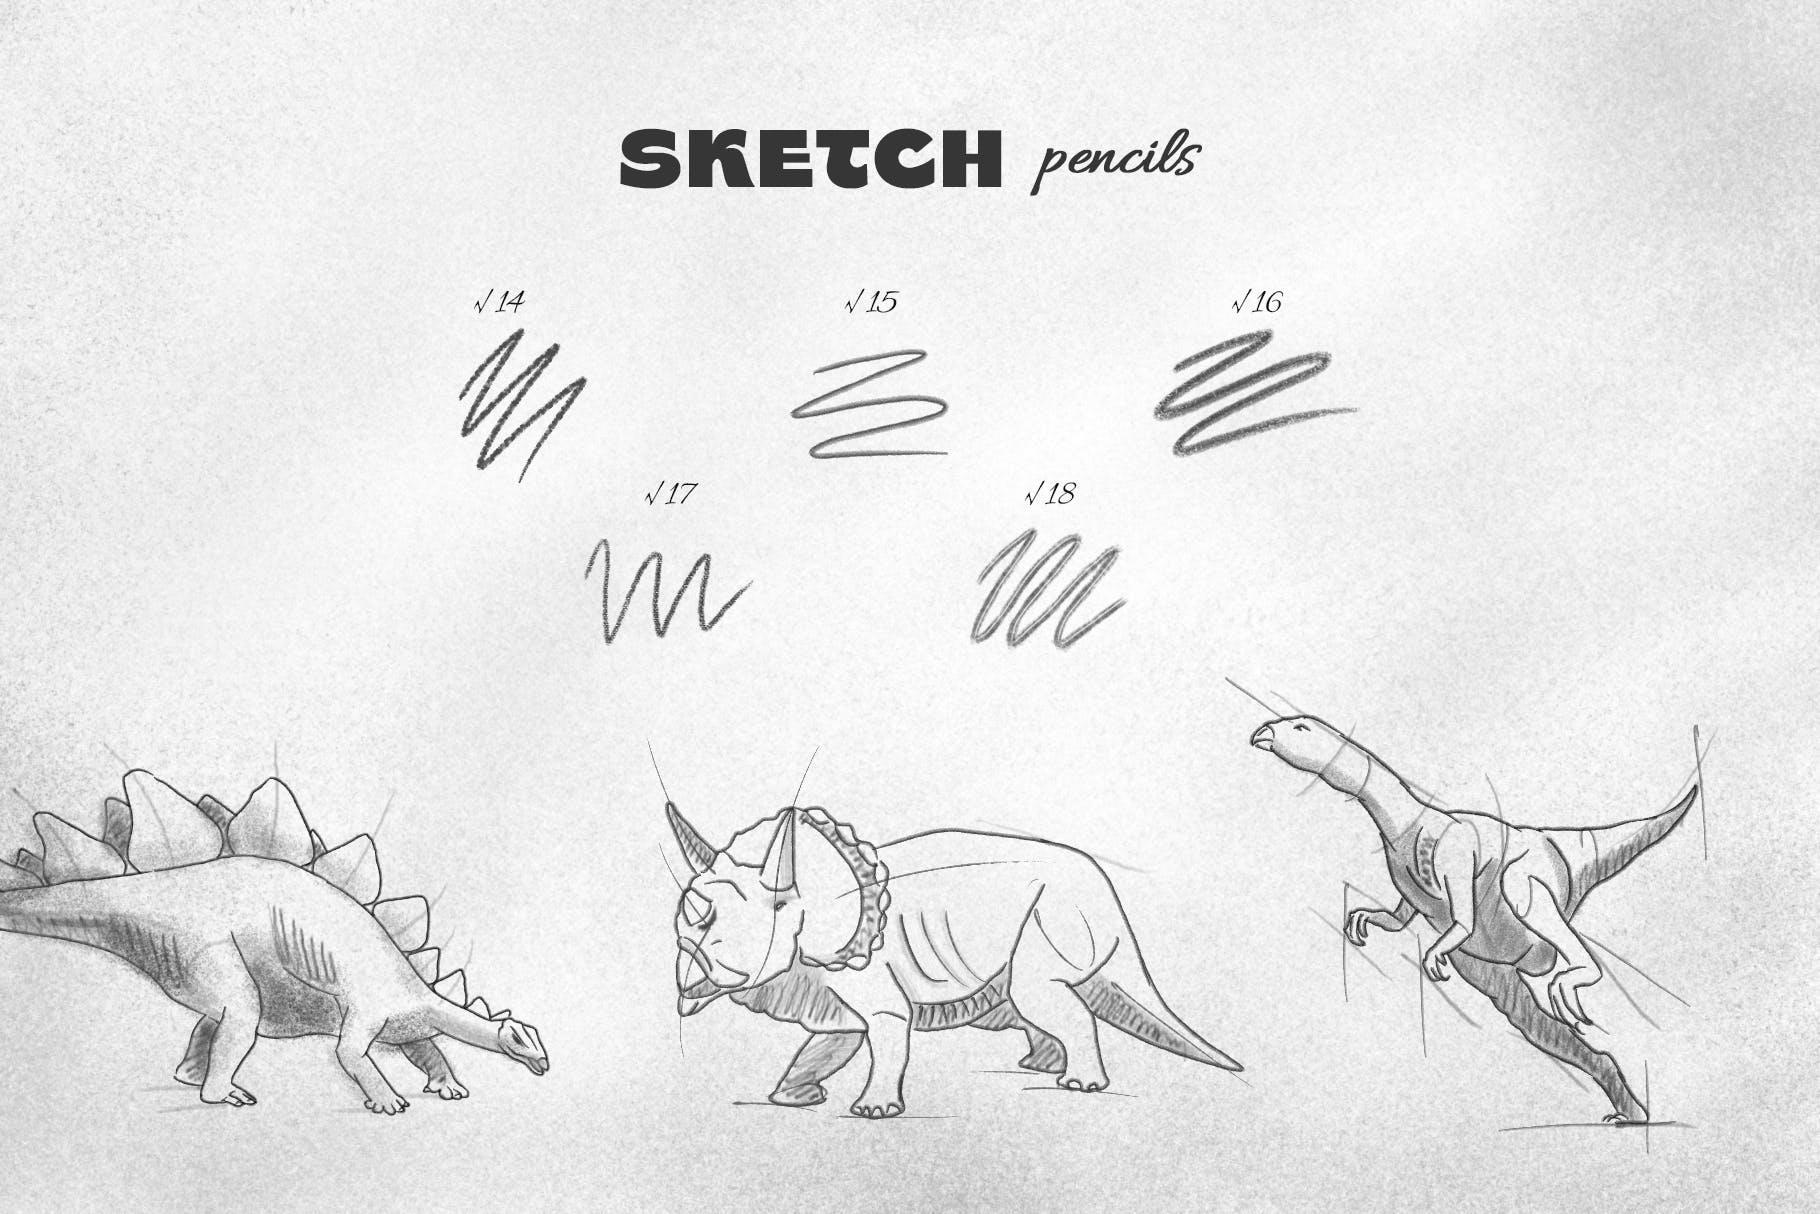 25款专业铅笔素描草图绘画PS笔刷素材套装 Pencil Photoshop Brushes插图(5)